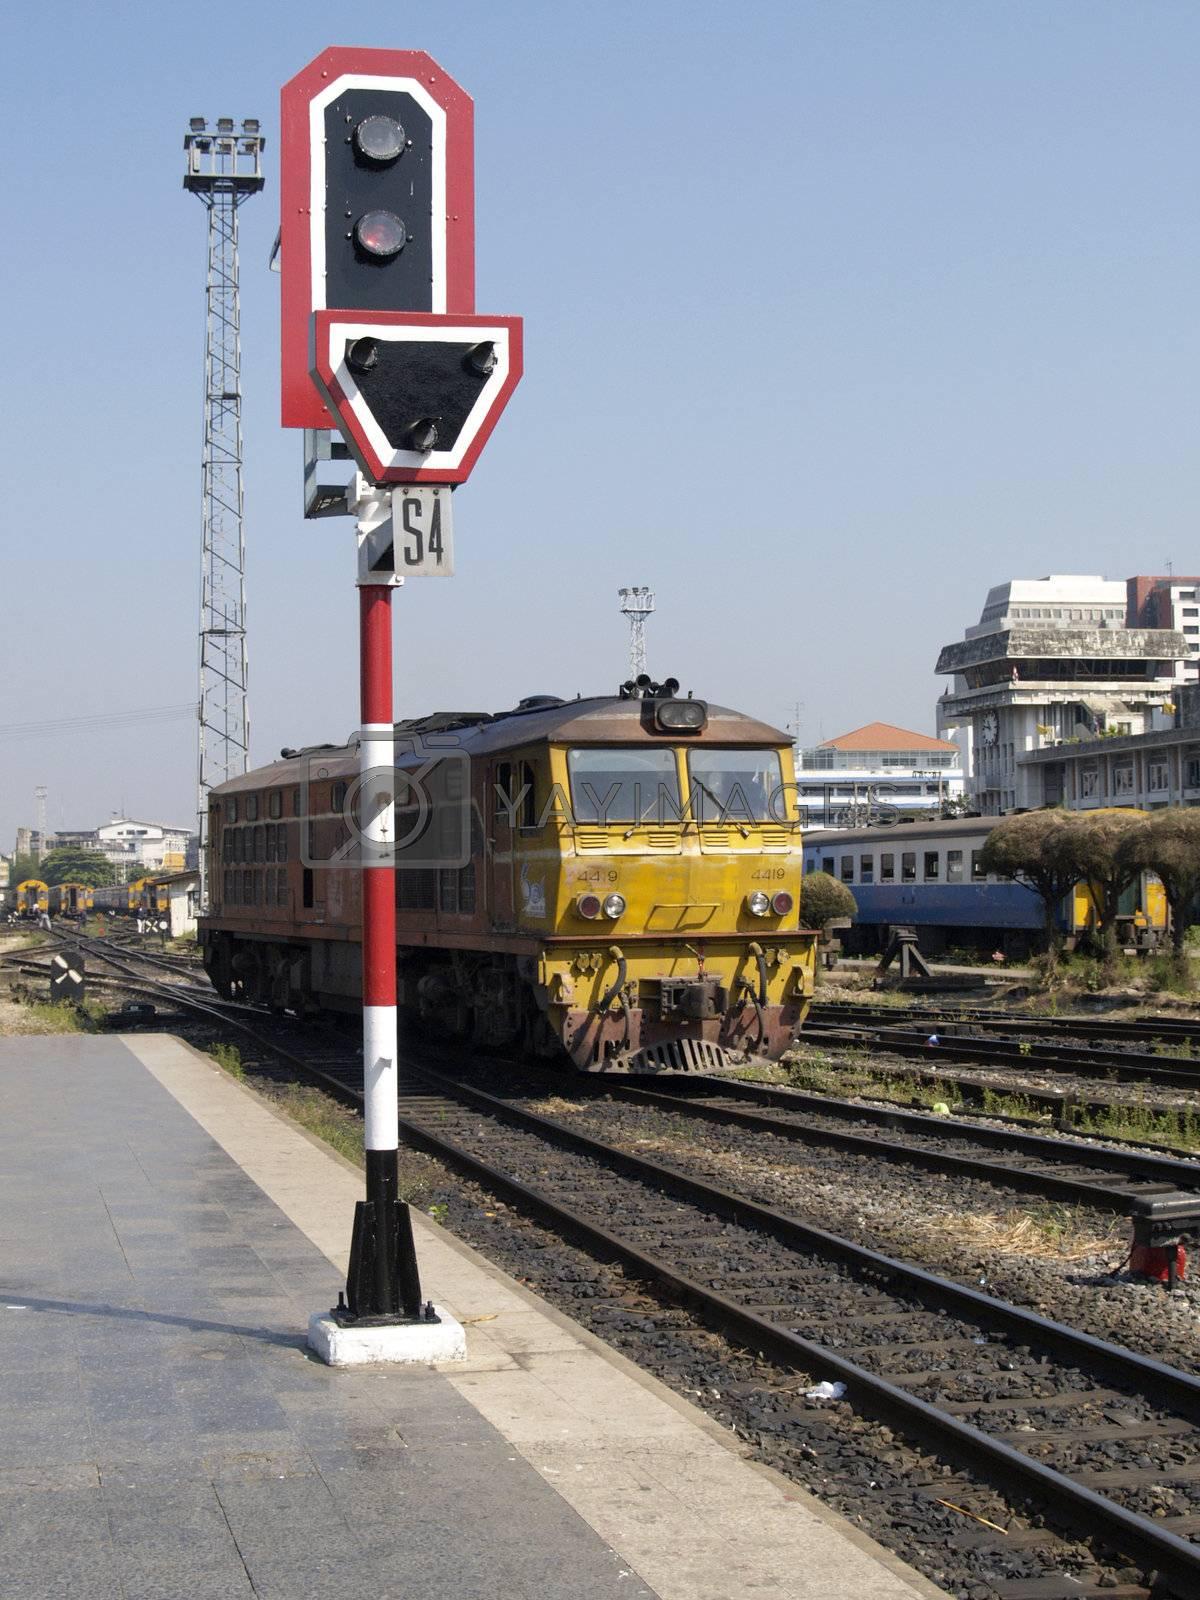 Railway signal and locomotive by epixx